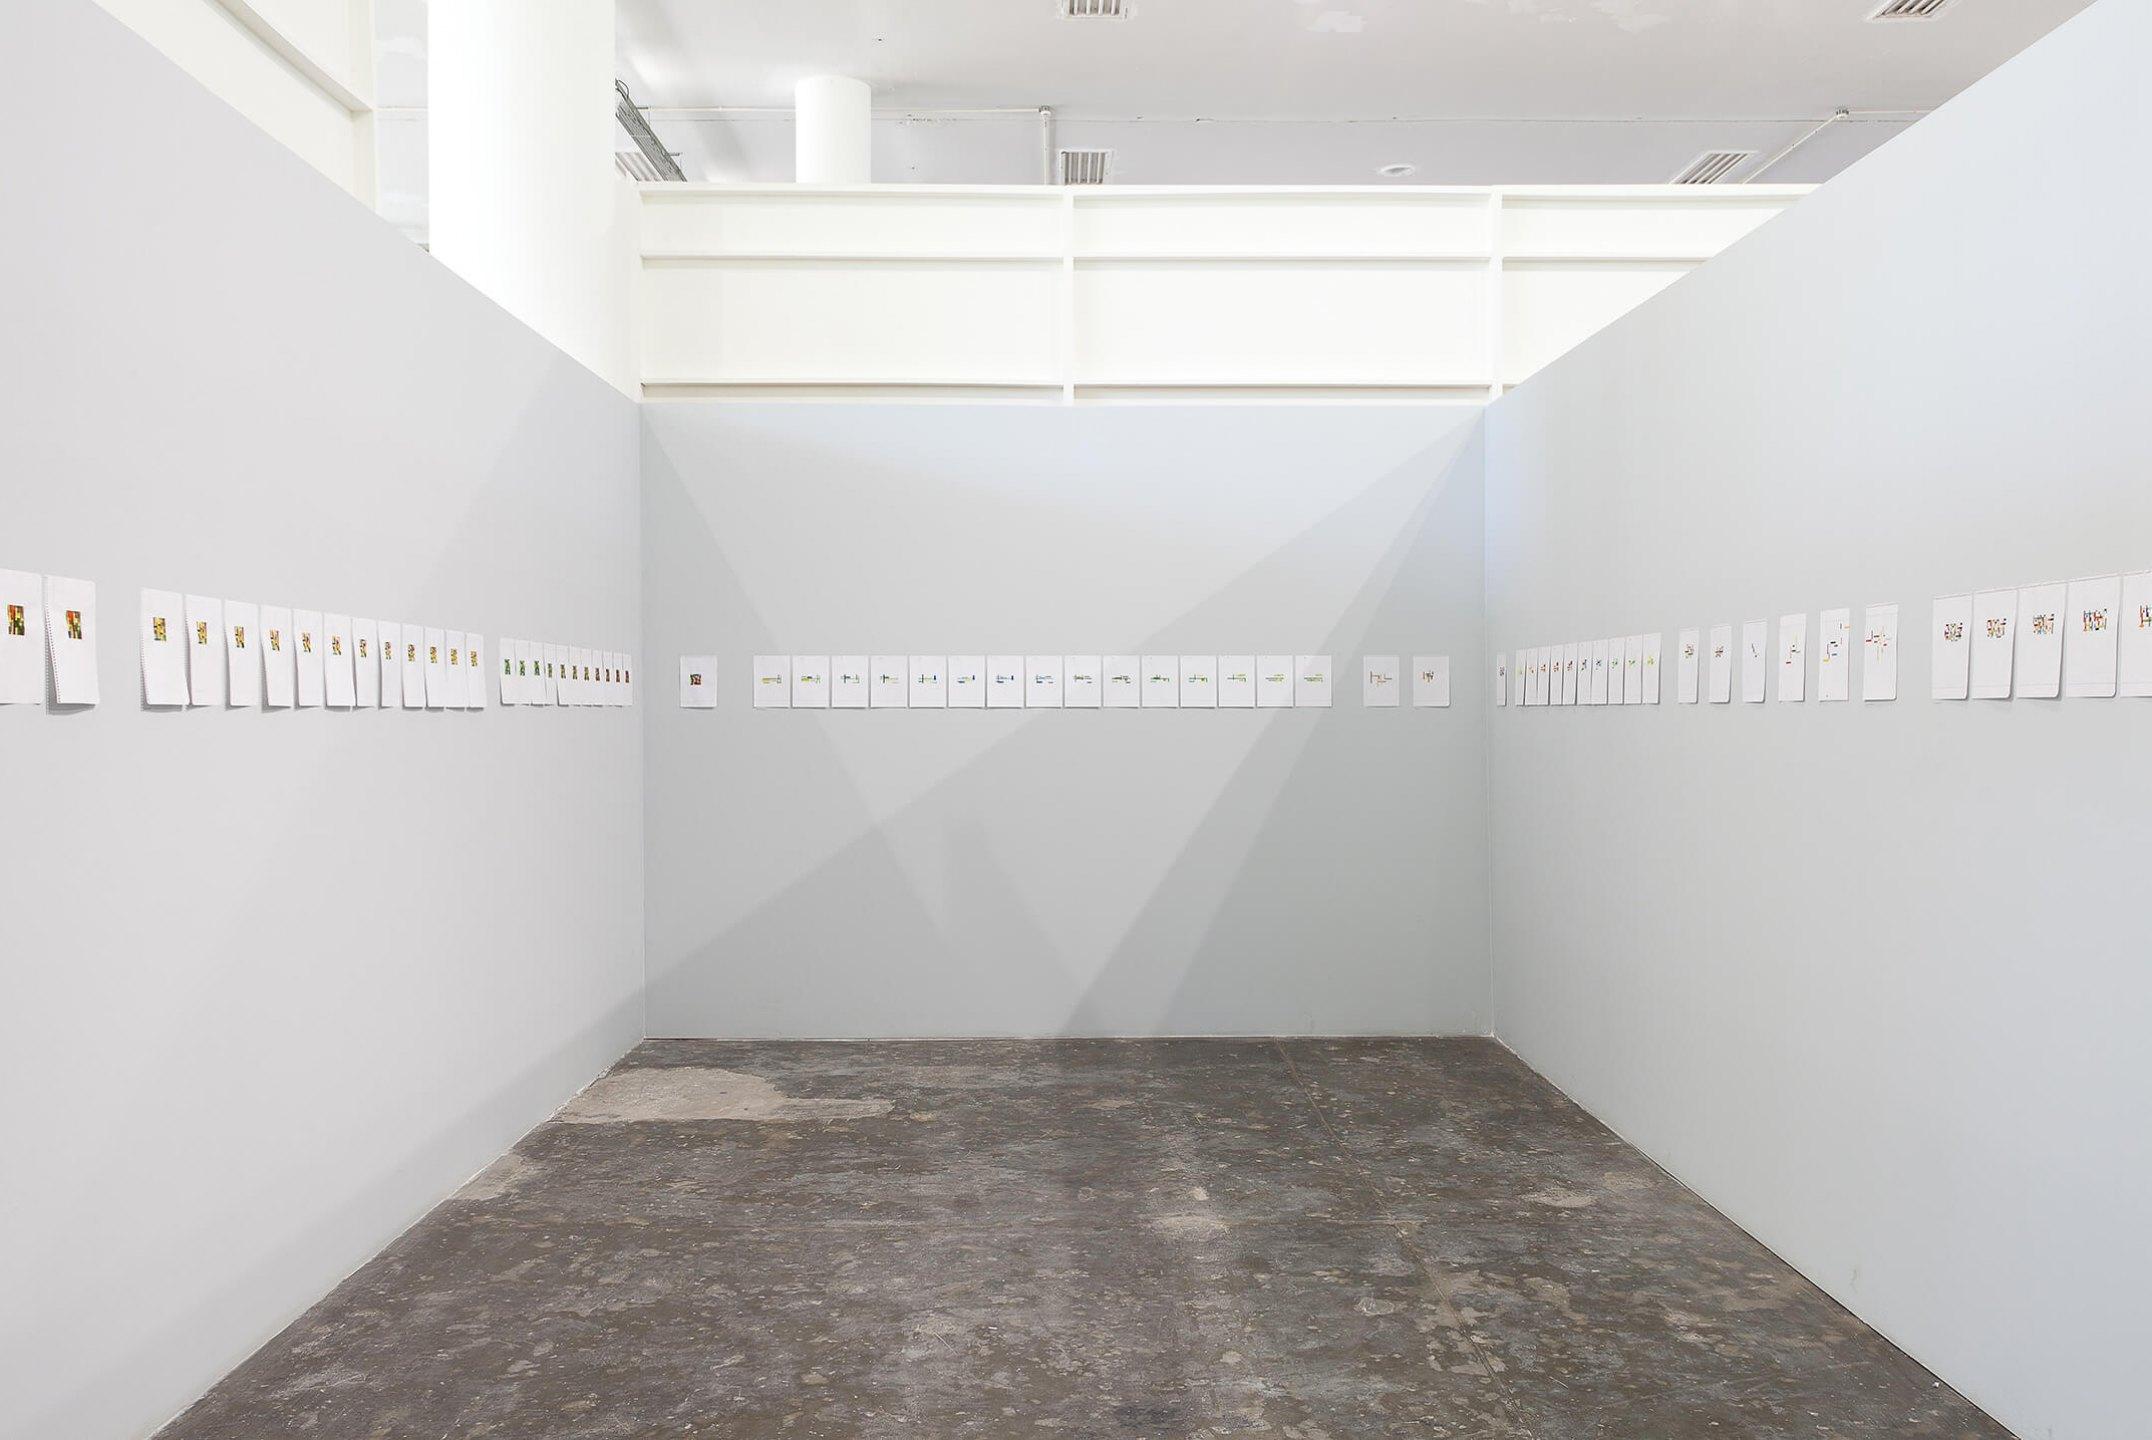 Daniel Steegmann Mangrané,<em>Lichtzwang, 30ª Bienal de São Paulo, Iminência das Poéticas,</em> São Paulo, 2012 - Mendes Wood DM